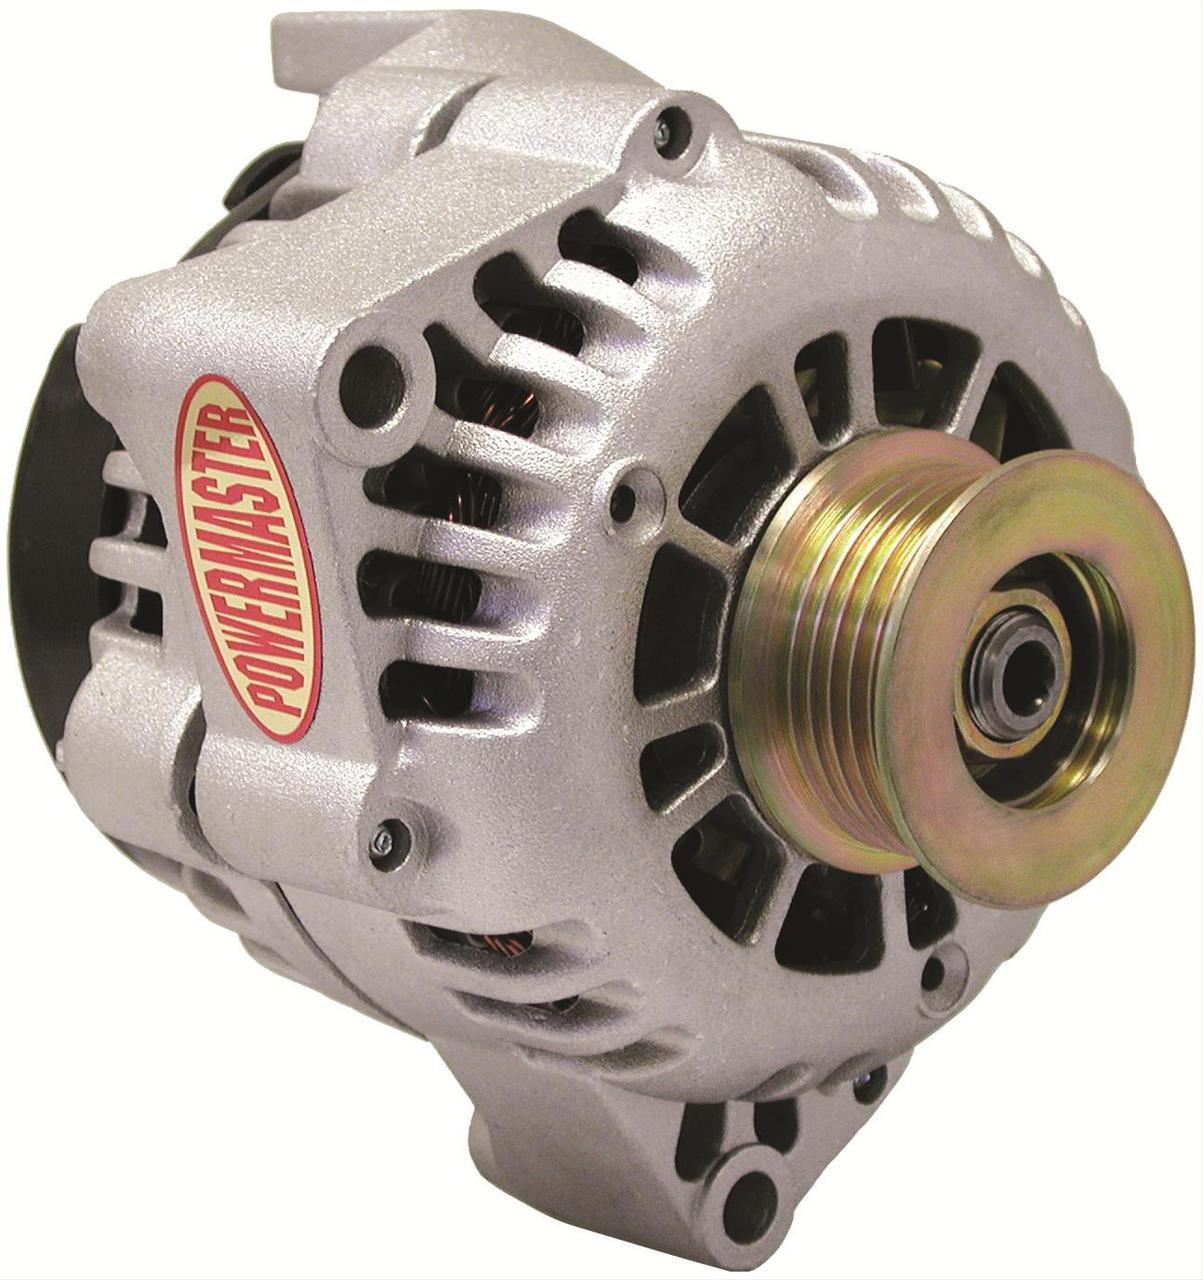 1998 Ls1 Alternator Wiring